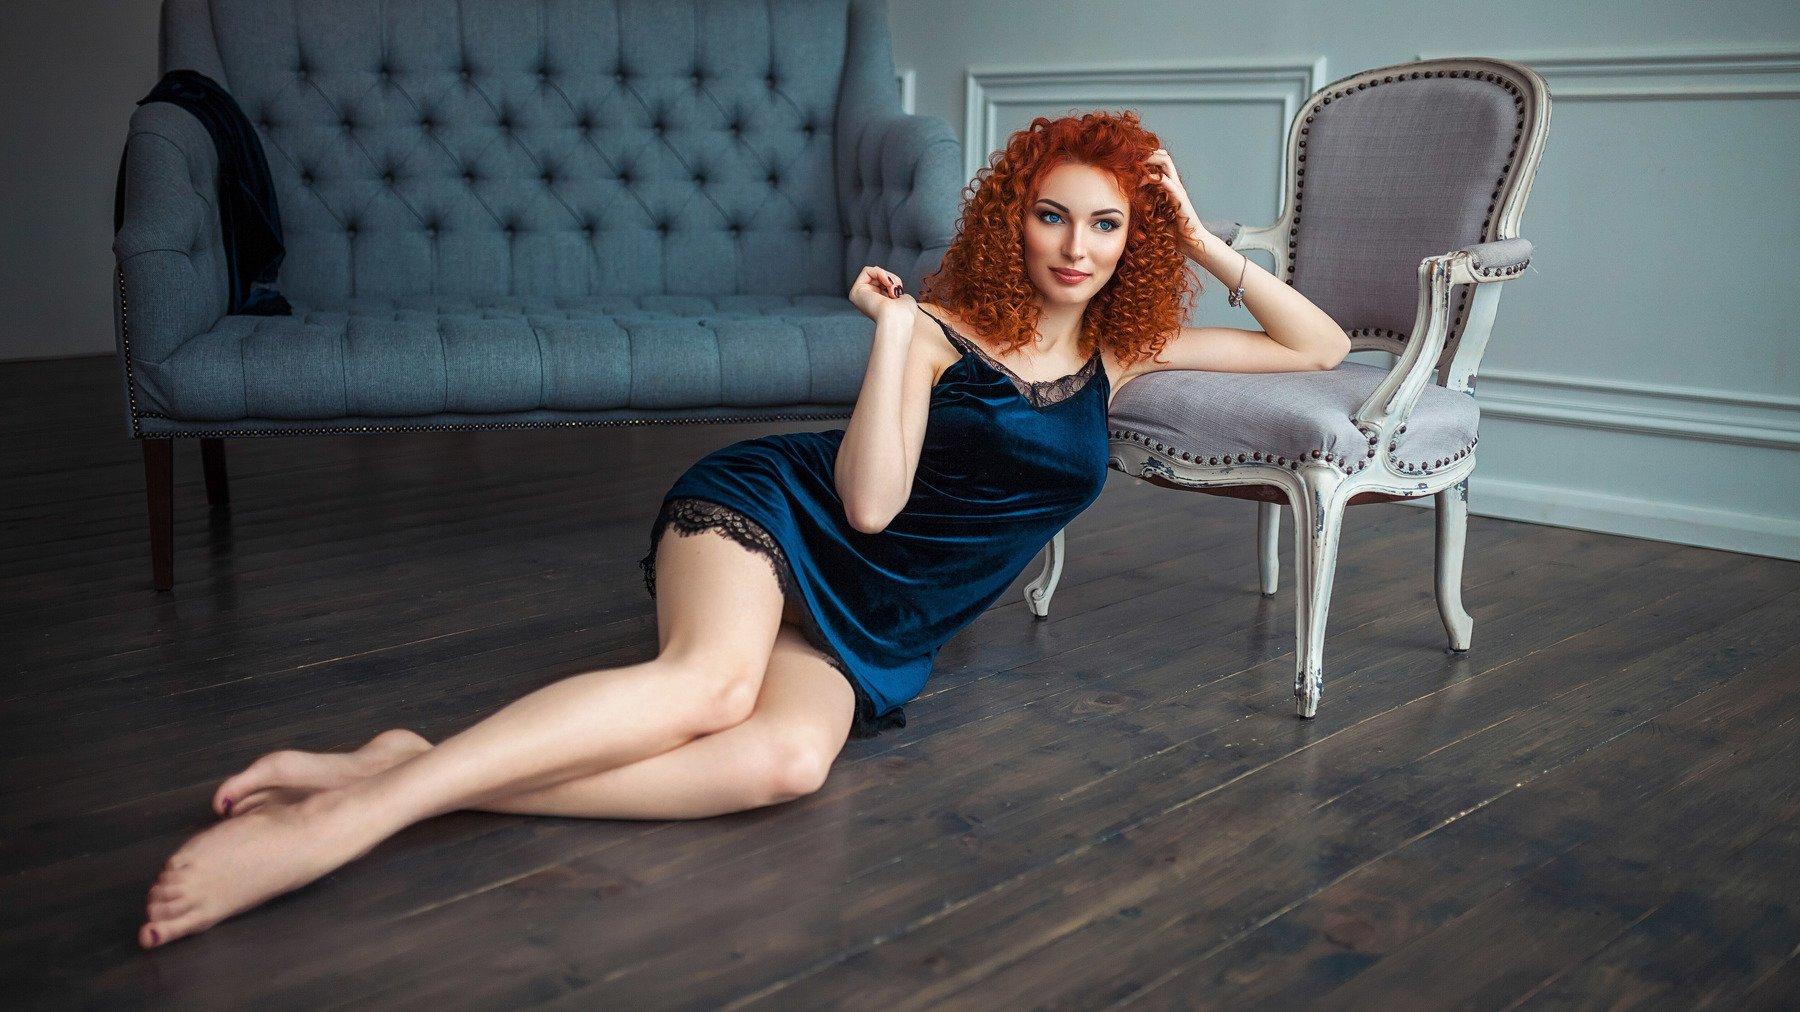 pearl, beauty, beautiful, portrait, sexy, body, shishlovphotography, shishlov photographer, shishlov, Сергей Шишлов